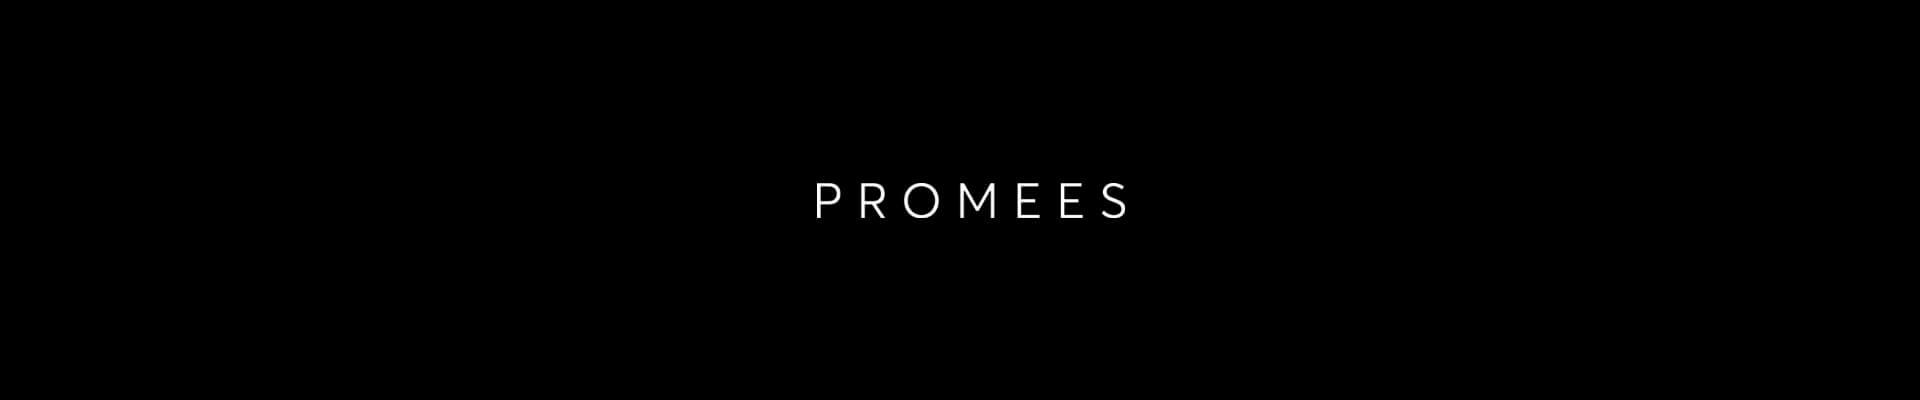 zdjęcie wyróżniające dla #promees WorldMaster